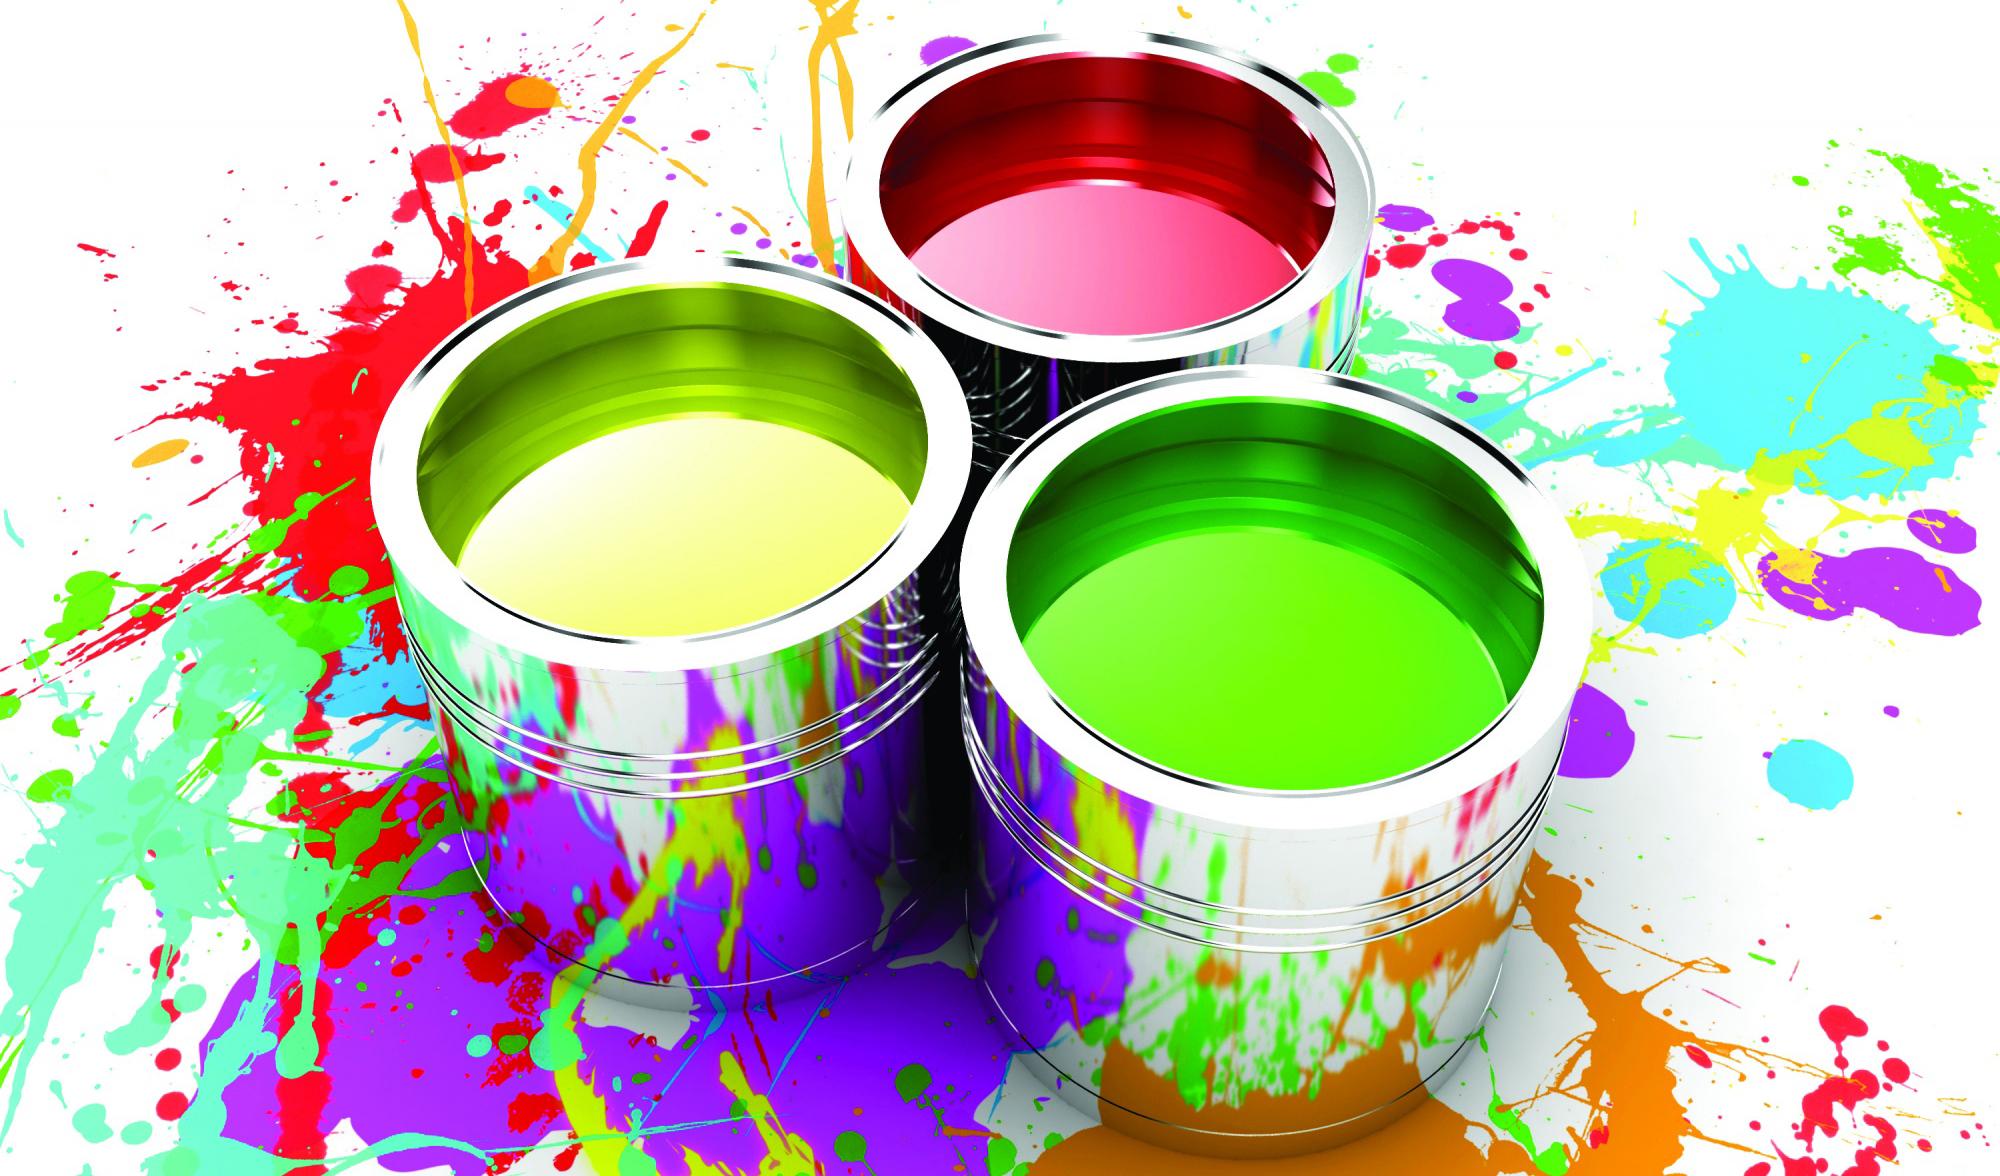 سهم ایران در بازار جهانی رنگ/ توسعه صنعت رنگ، راهی برای جبران تحریمهای نفتی